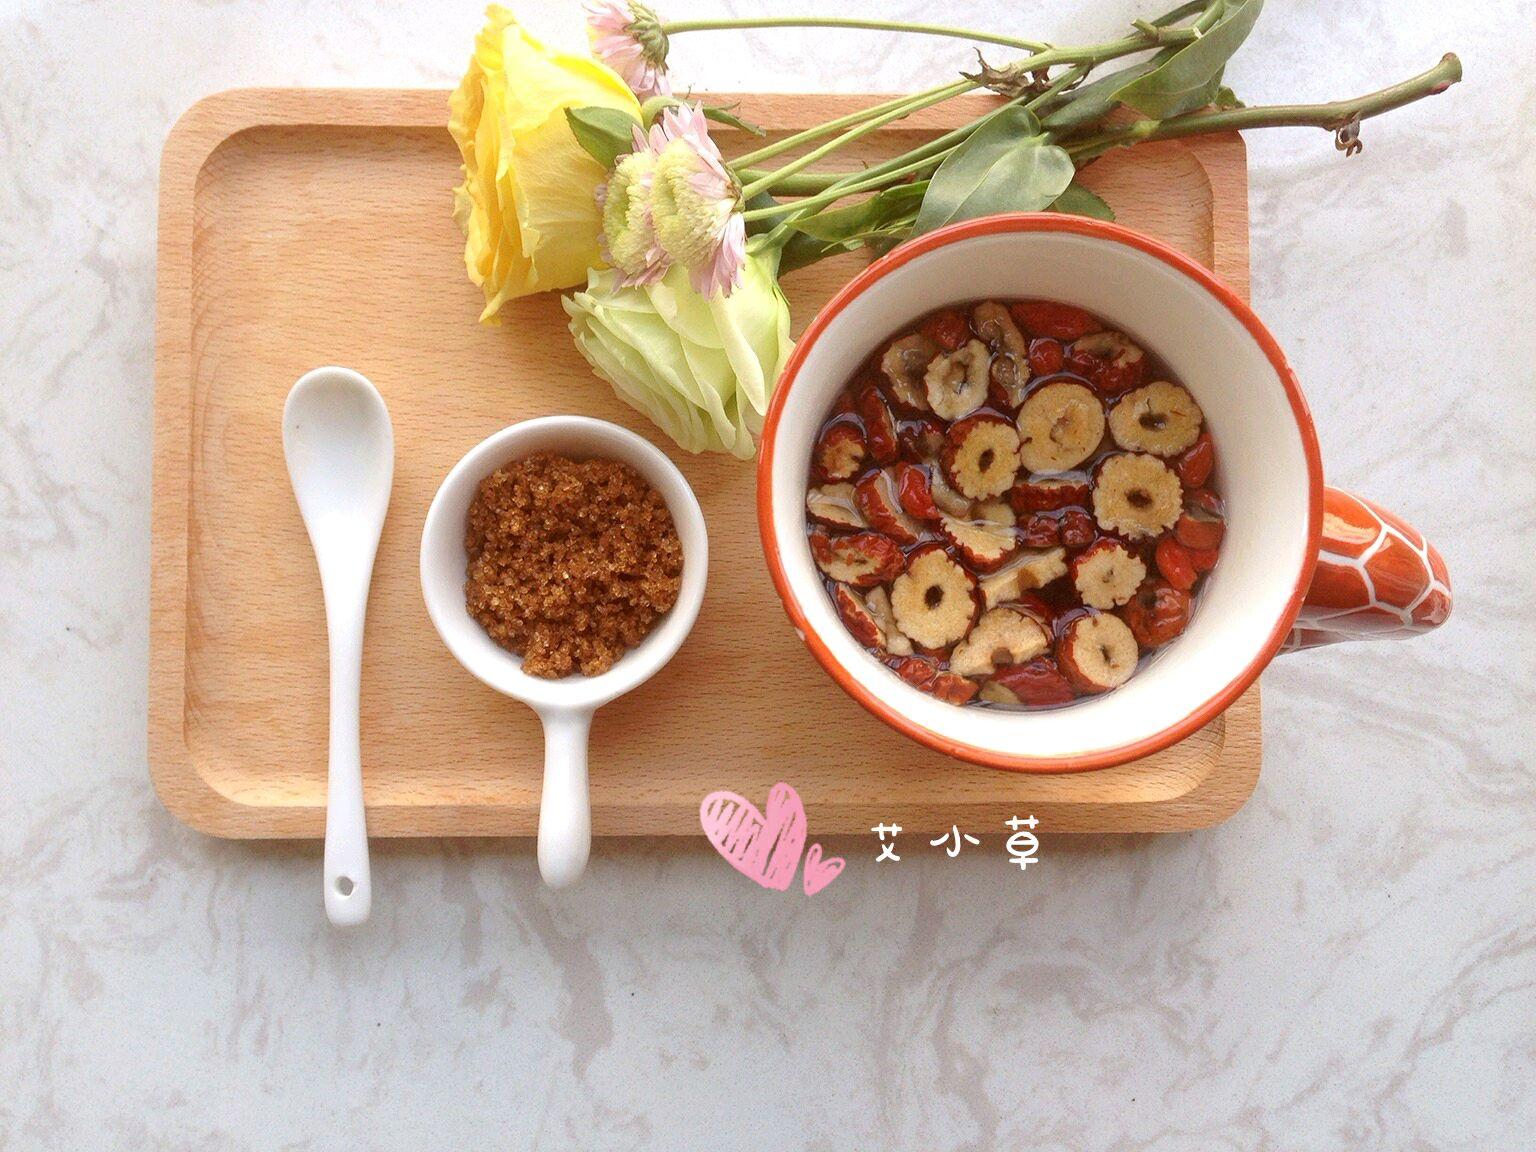 桂圆红枣枸杞养身茶的做法图解4